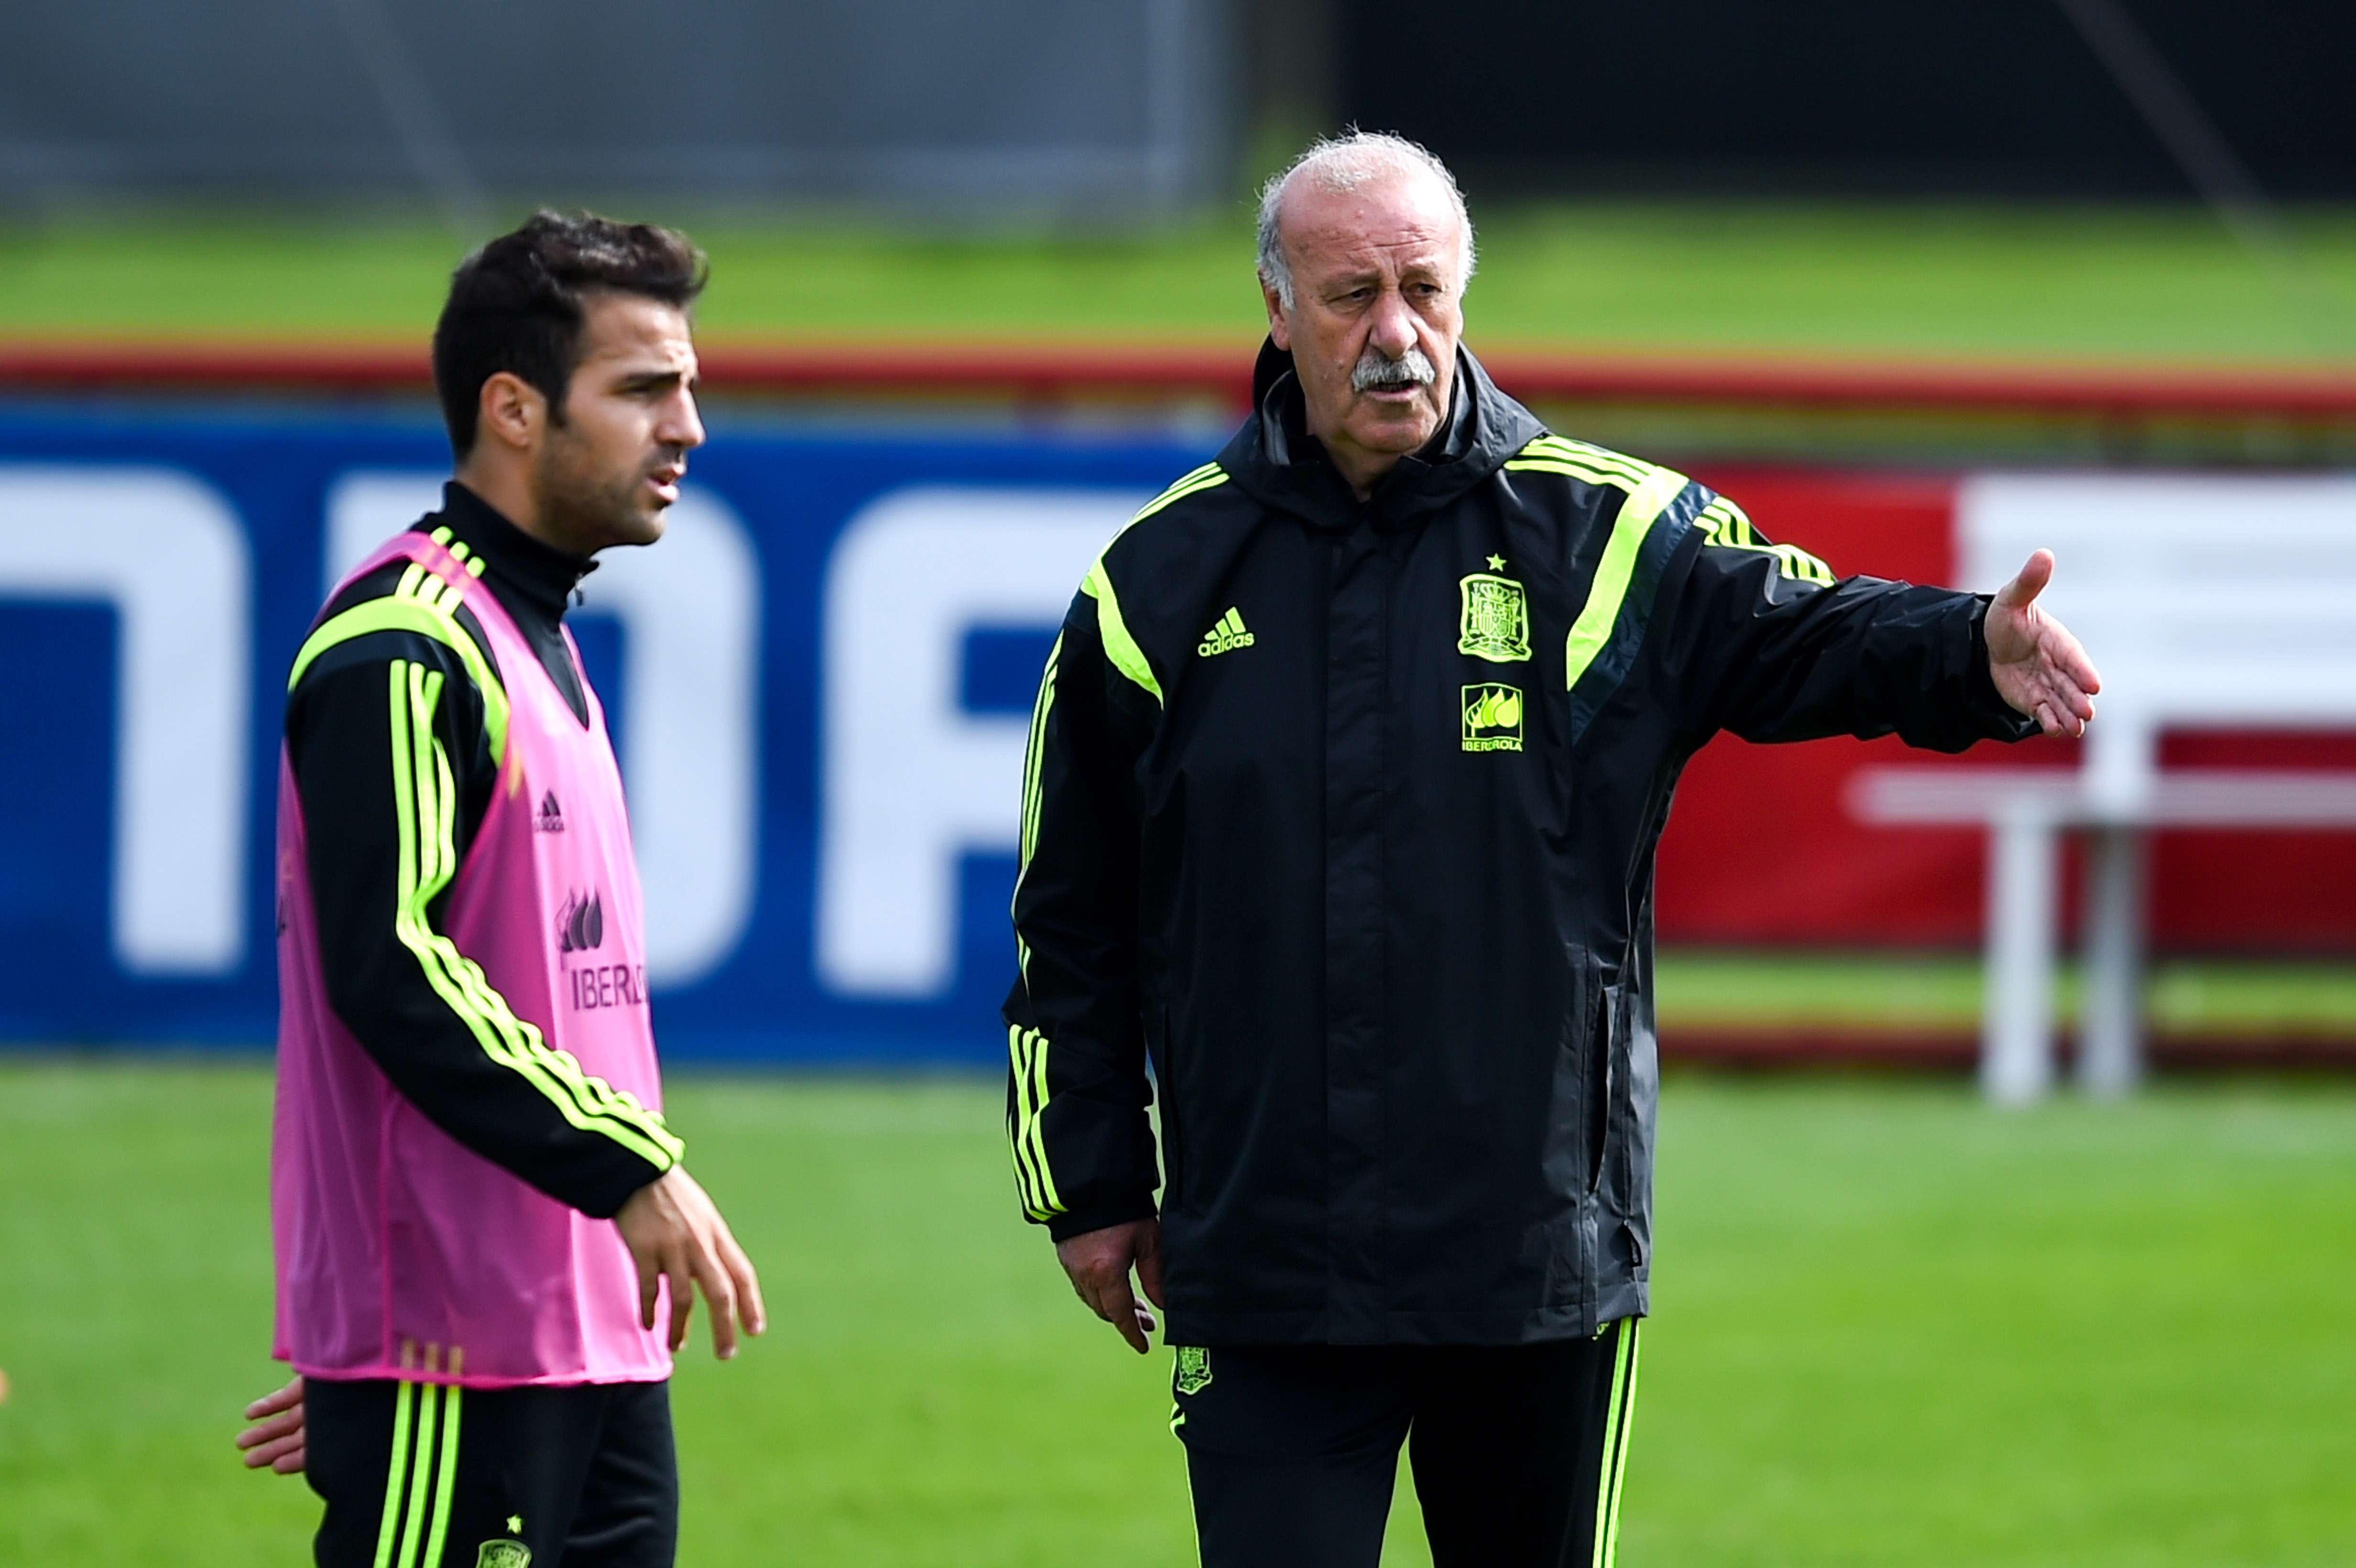 Del Bosque recrimina a Fábregas durante el entrenamiento de España Foto: Getty Images